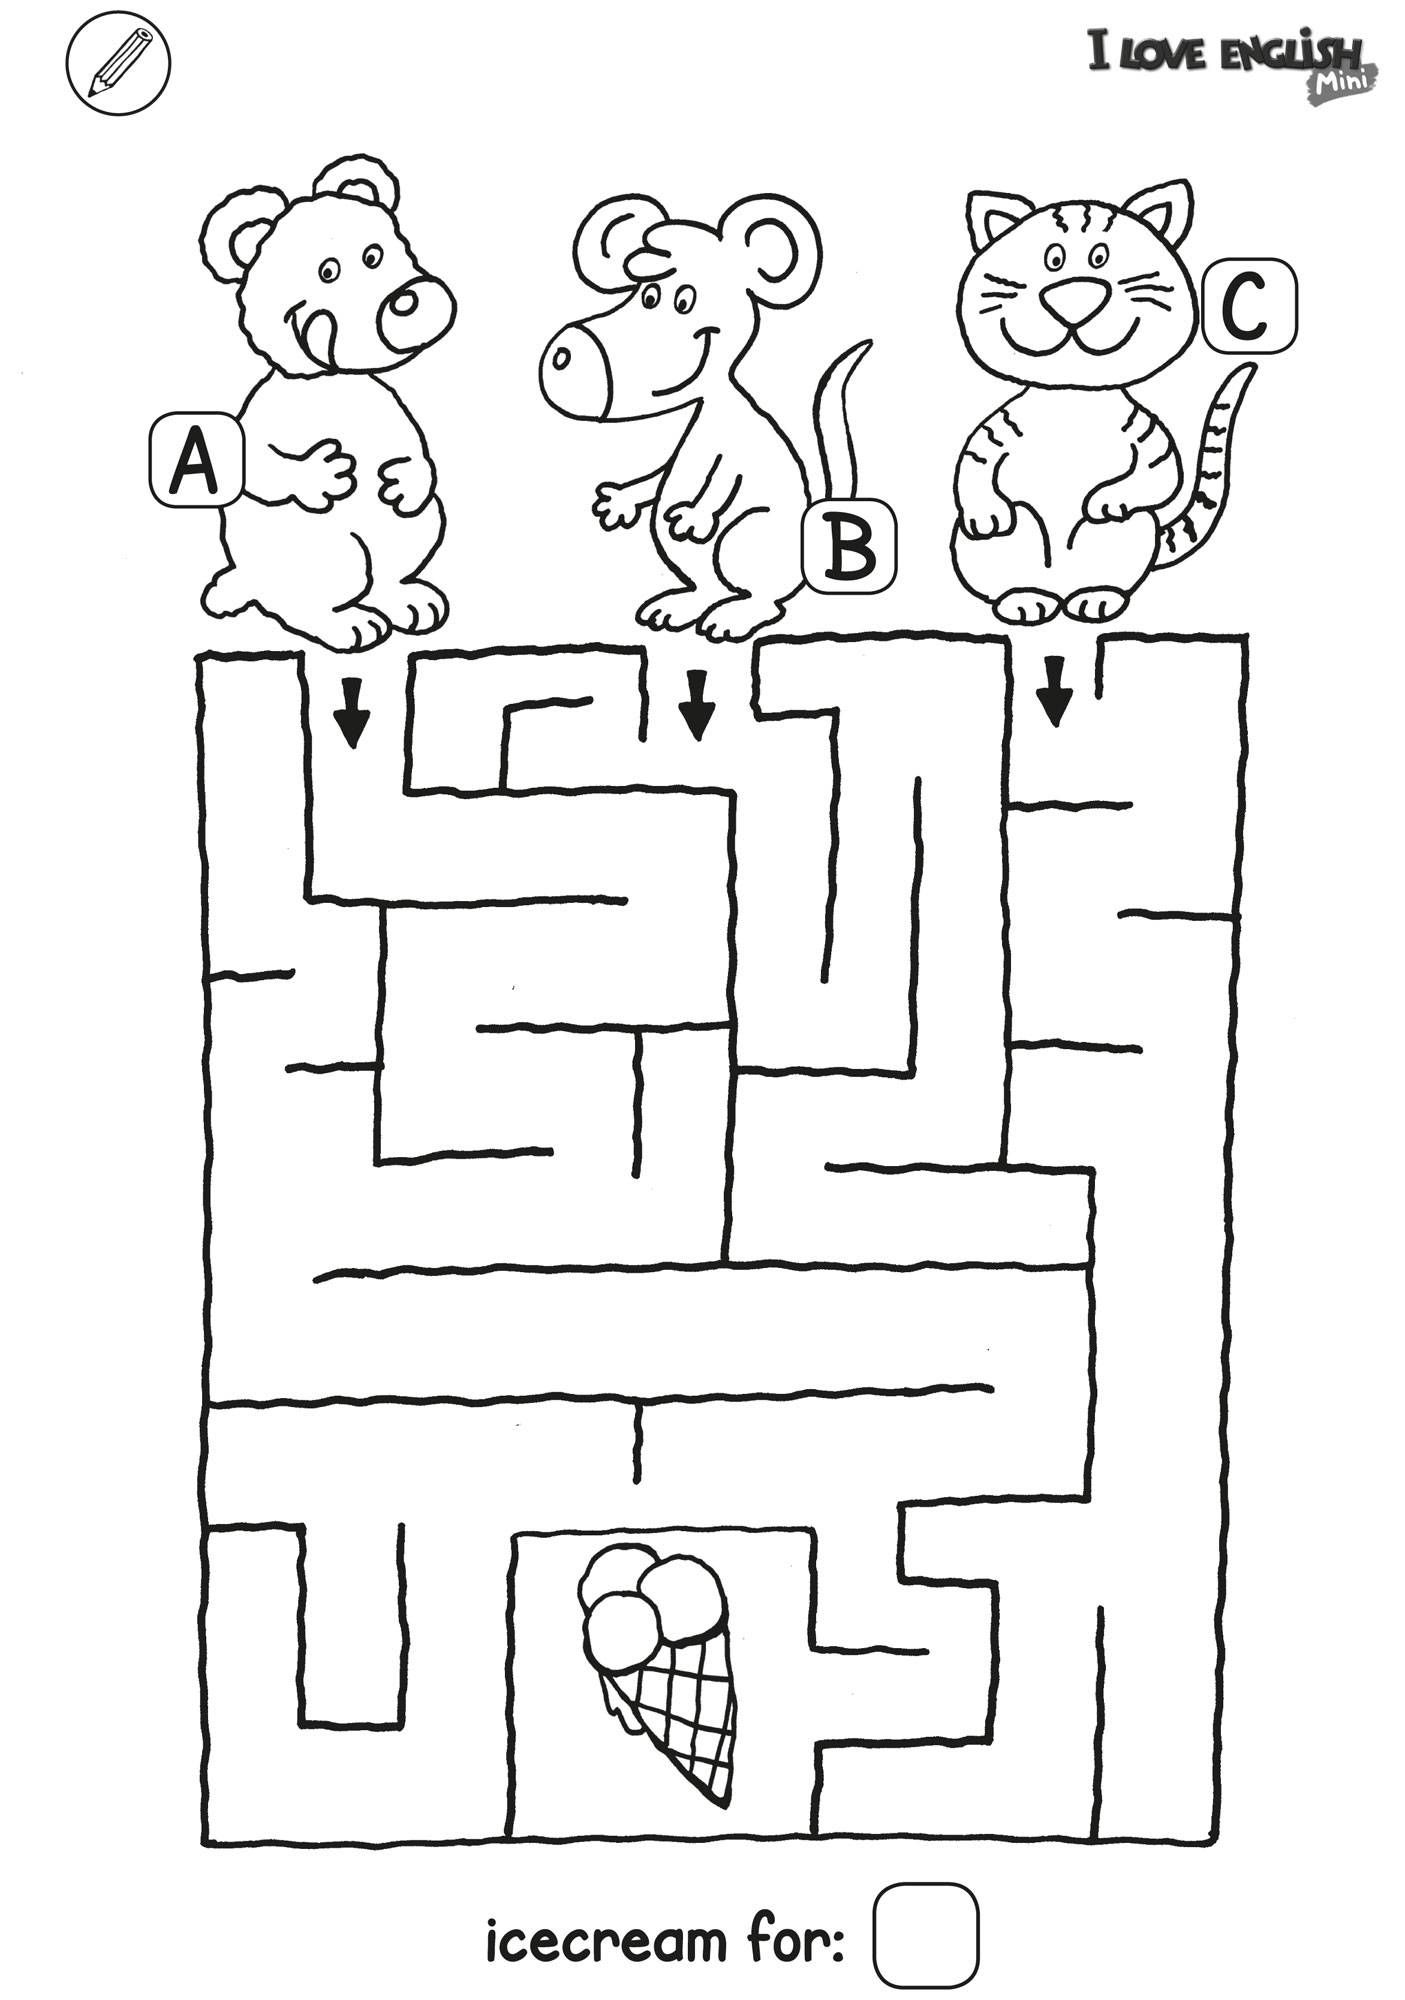 Ausmalbild Labyrinthe Fur Kinder I Love English Mini Labyrinth Eis Kostenlo In 2020 Labyrinthe Fur Kinder Kinderratsel Zum Ausdrucken Arbeitsblatter Zum Ausdrucken